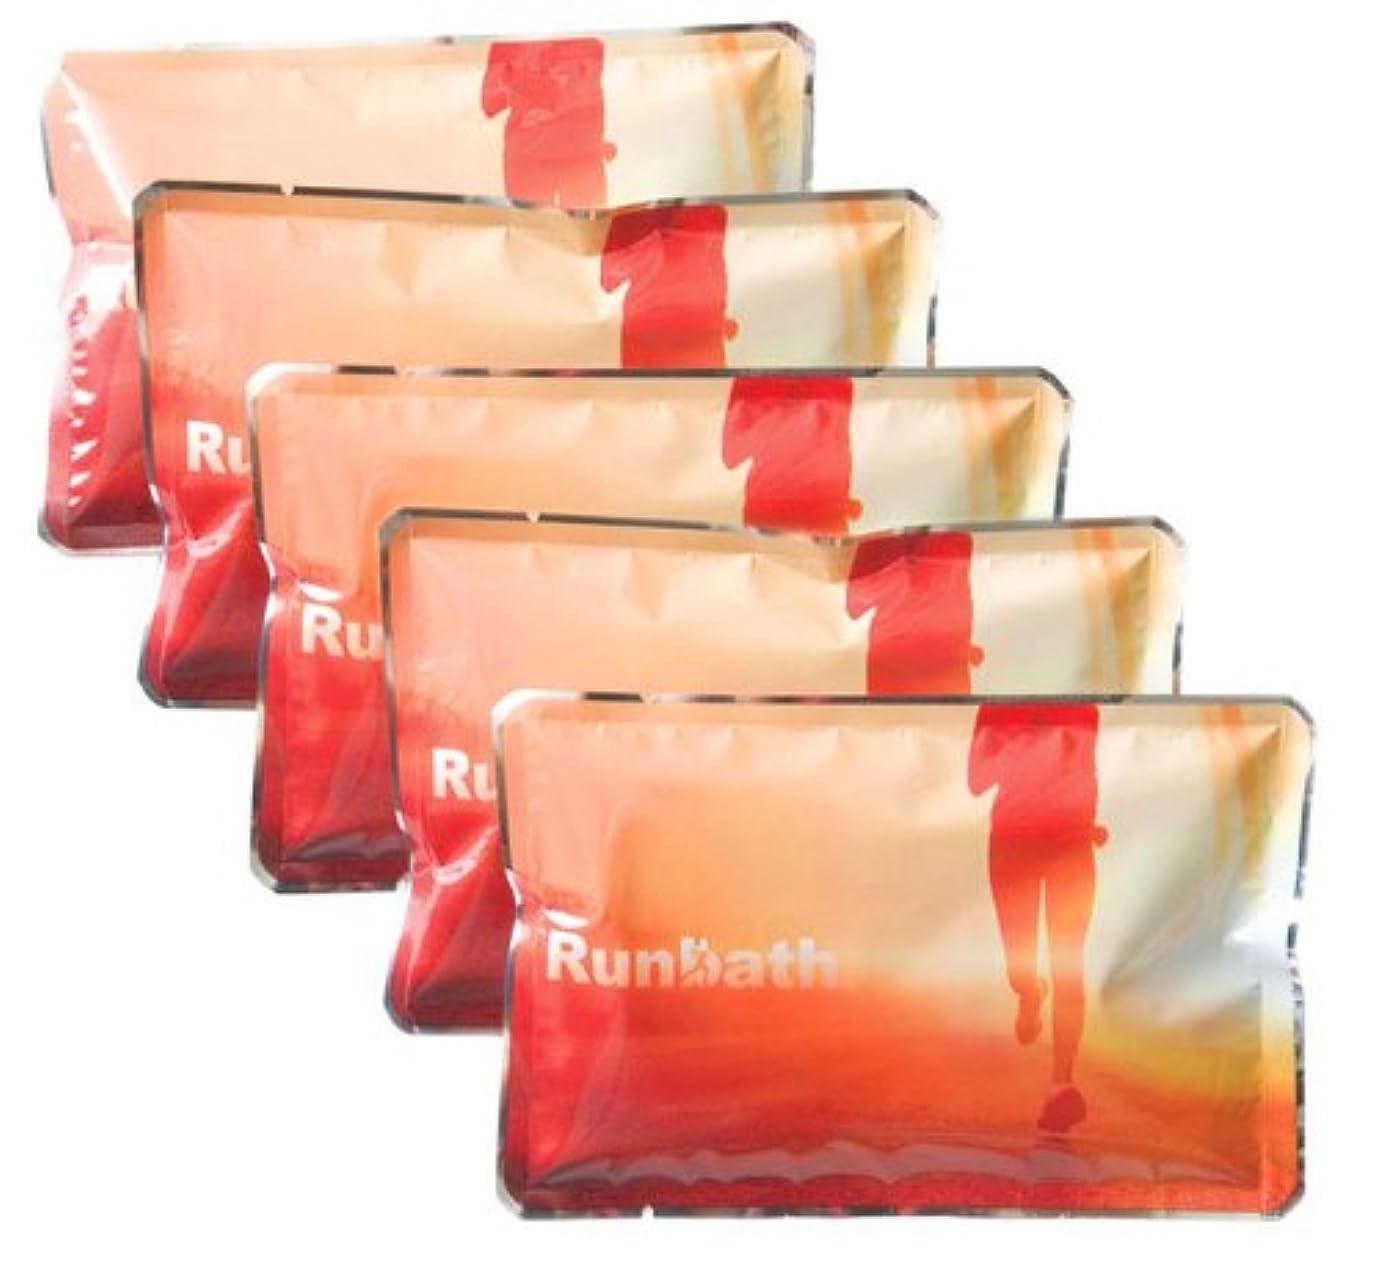 素晴らしさ放課後不確実Runbath ランバス 5個セット